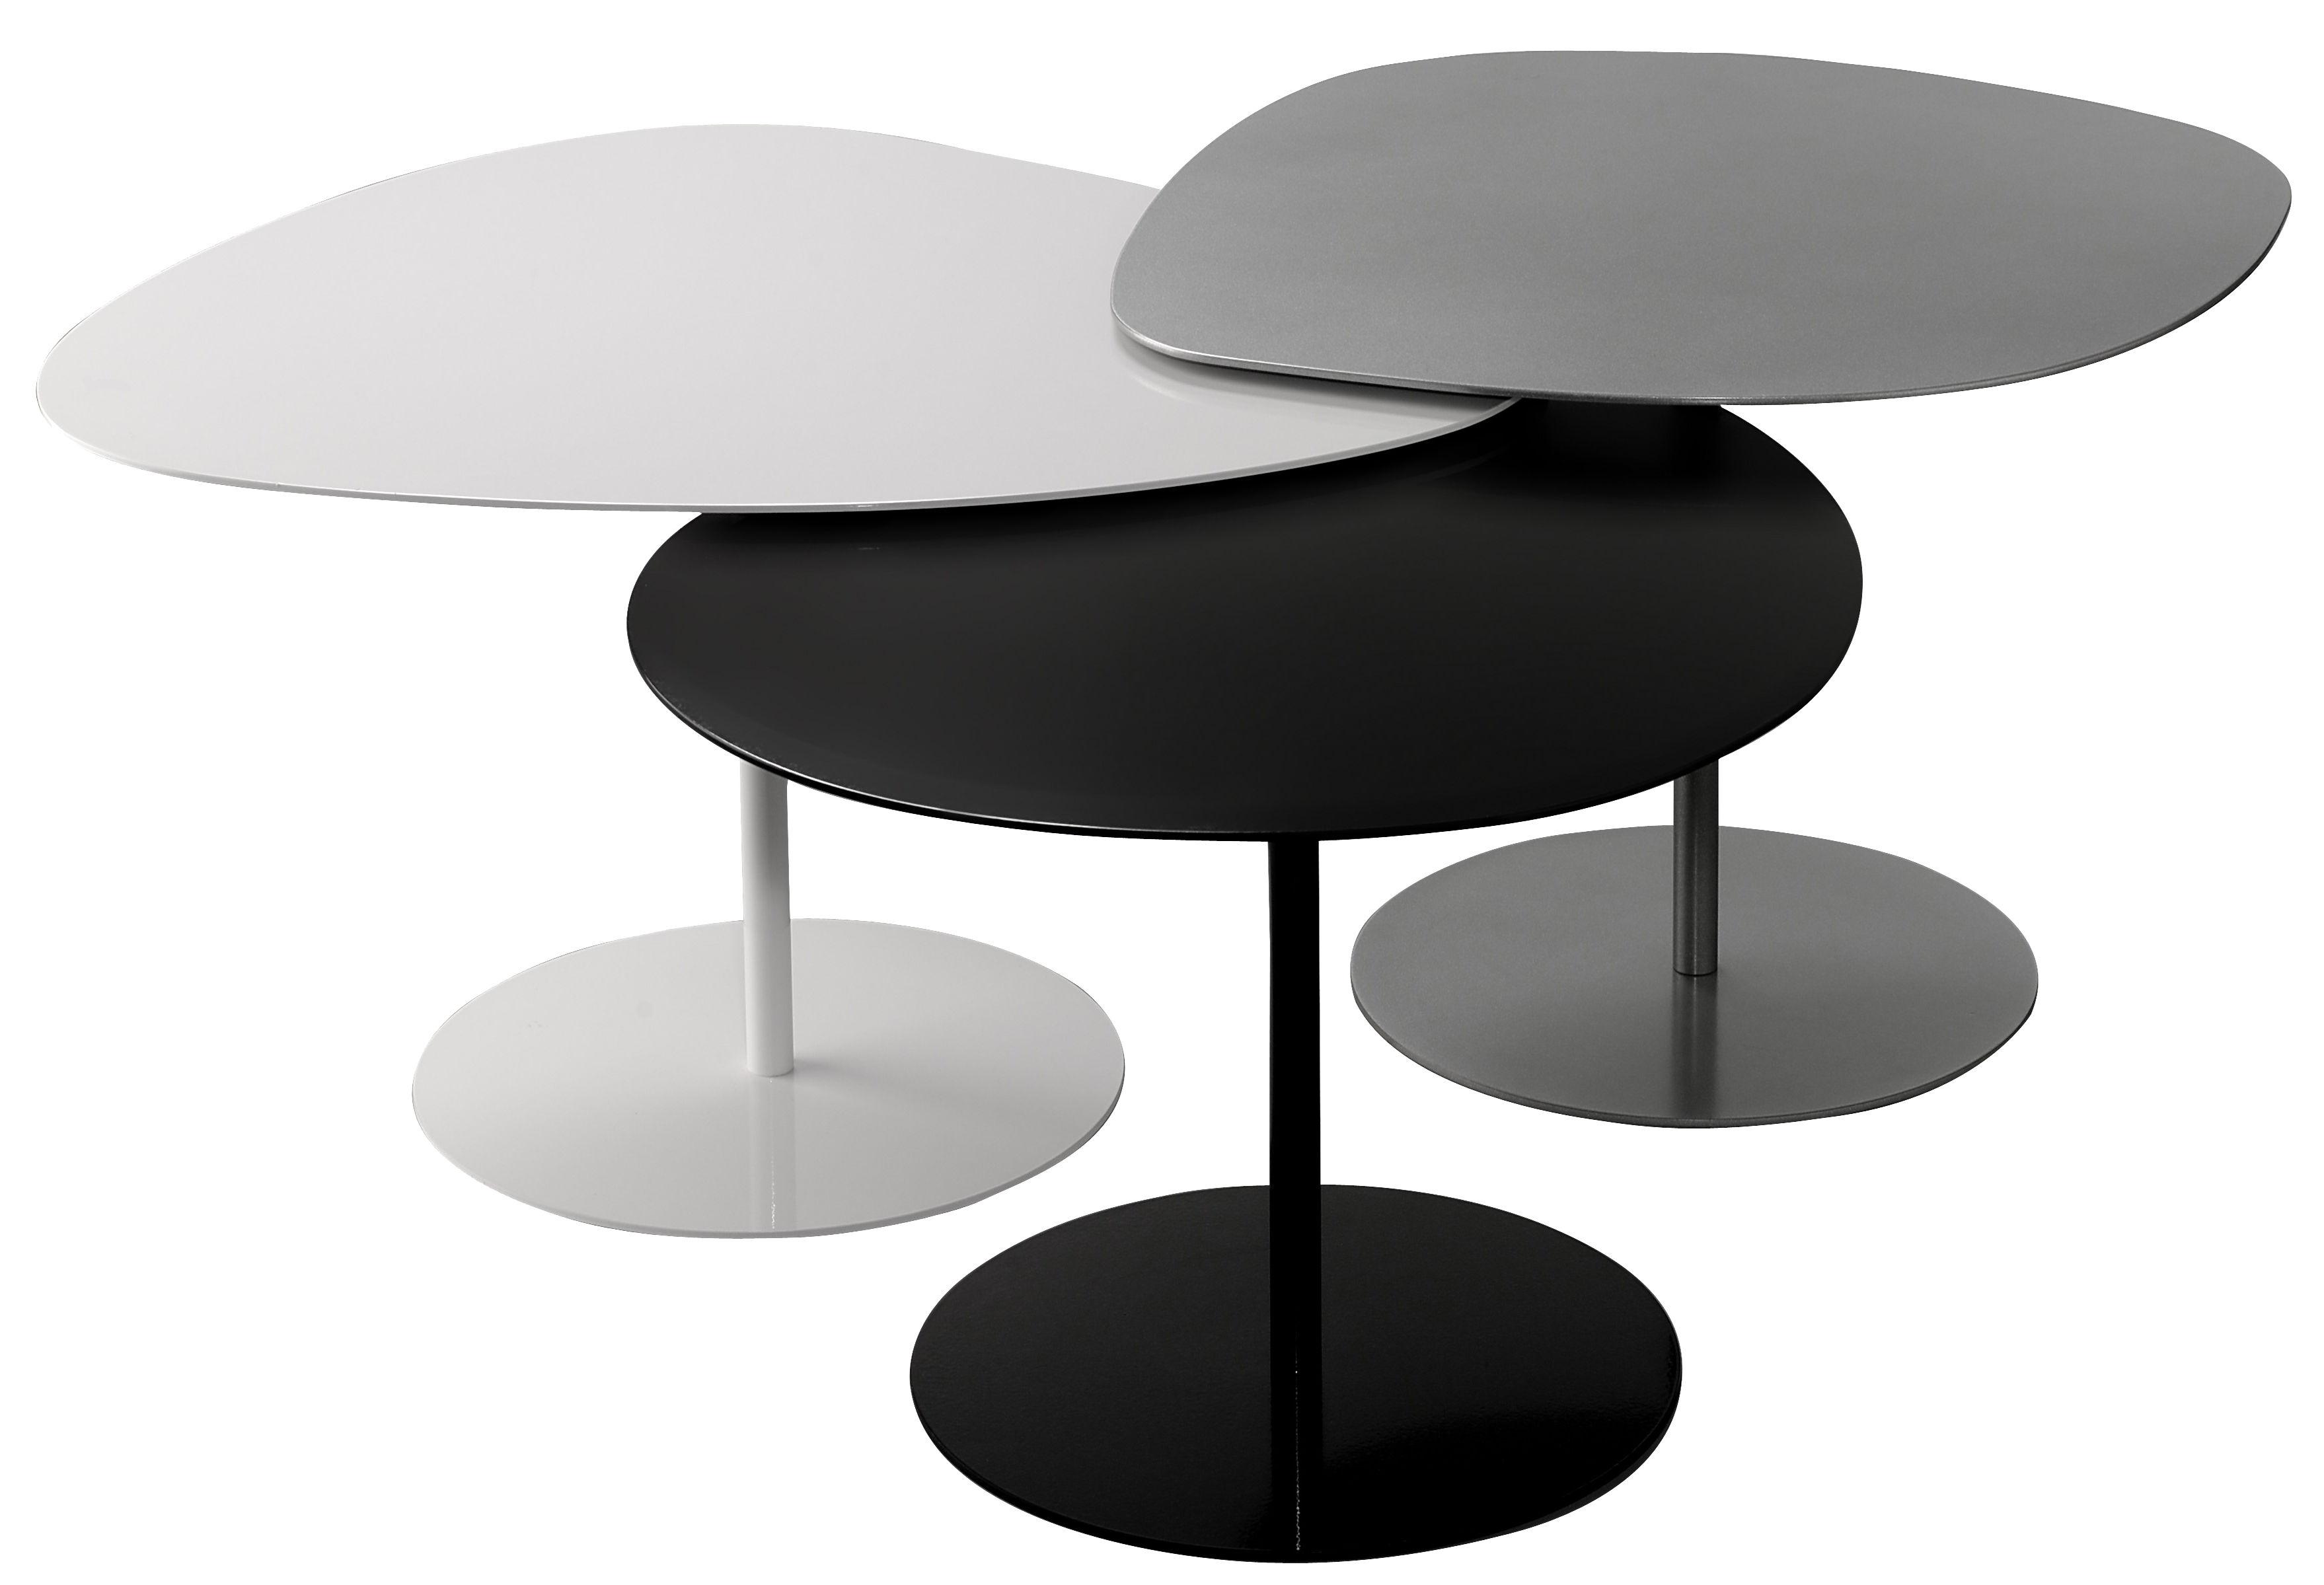 Arredamento - Tavolini  - Tavolini estraibili 3 Galets - / Set da 3 tavolini di Matière Grise - Nero, Bianco, Grigio - Acciaio